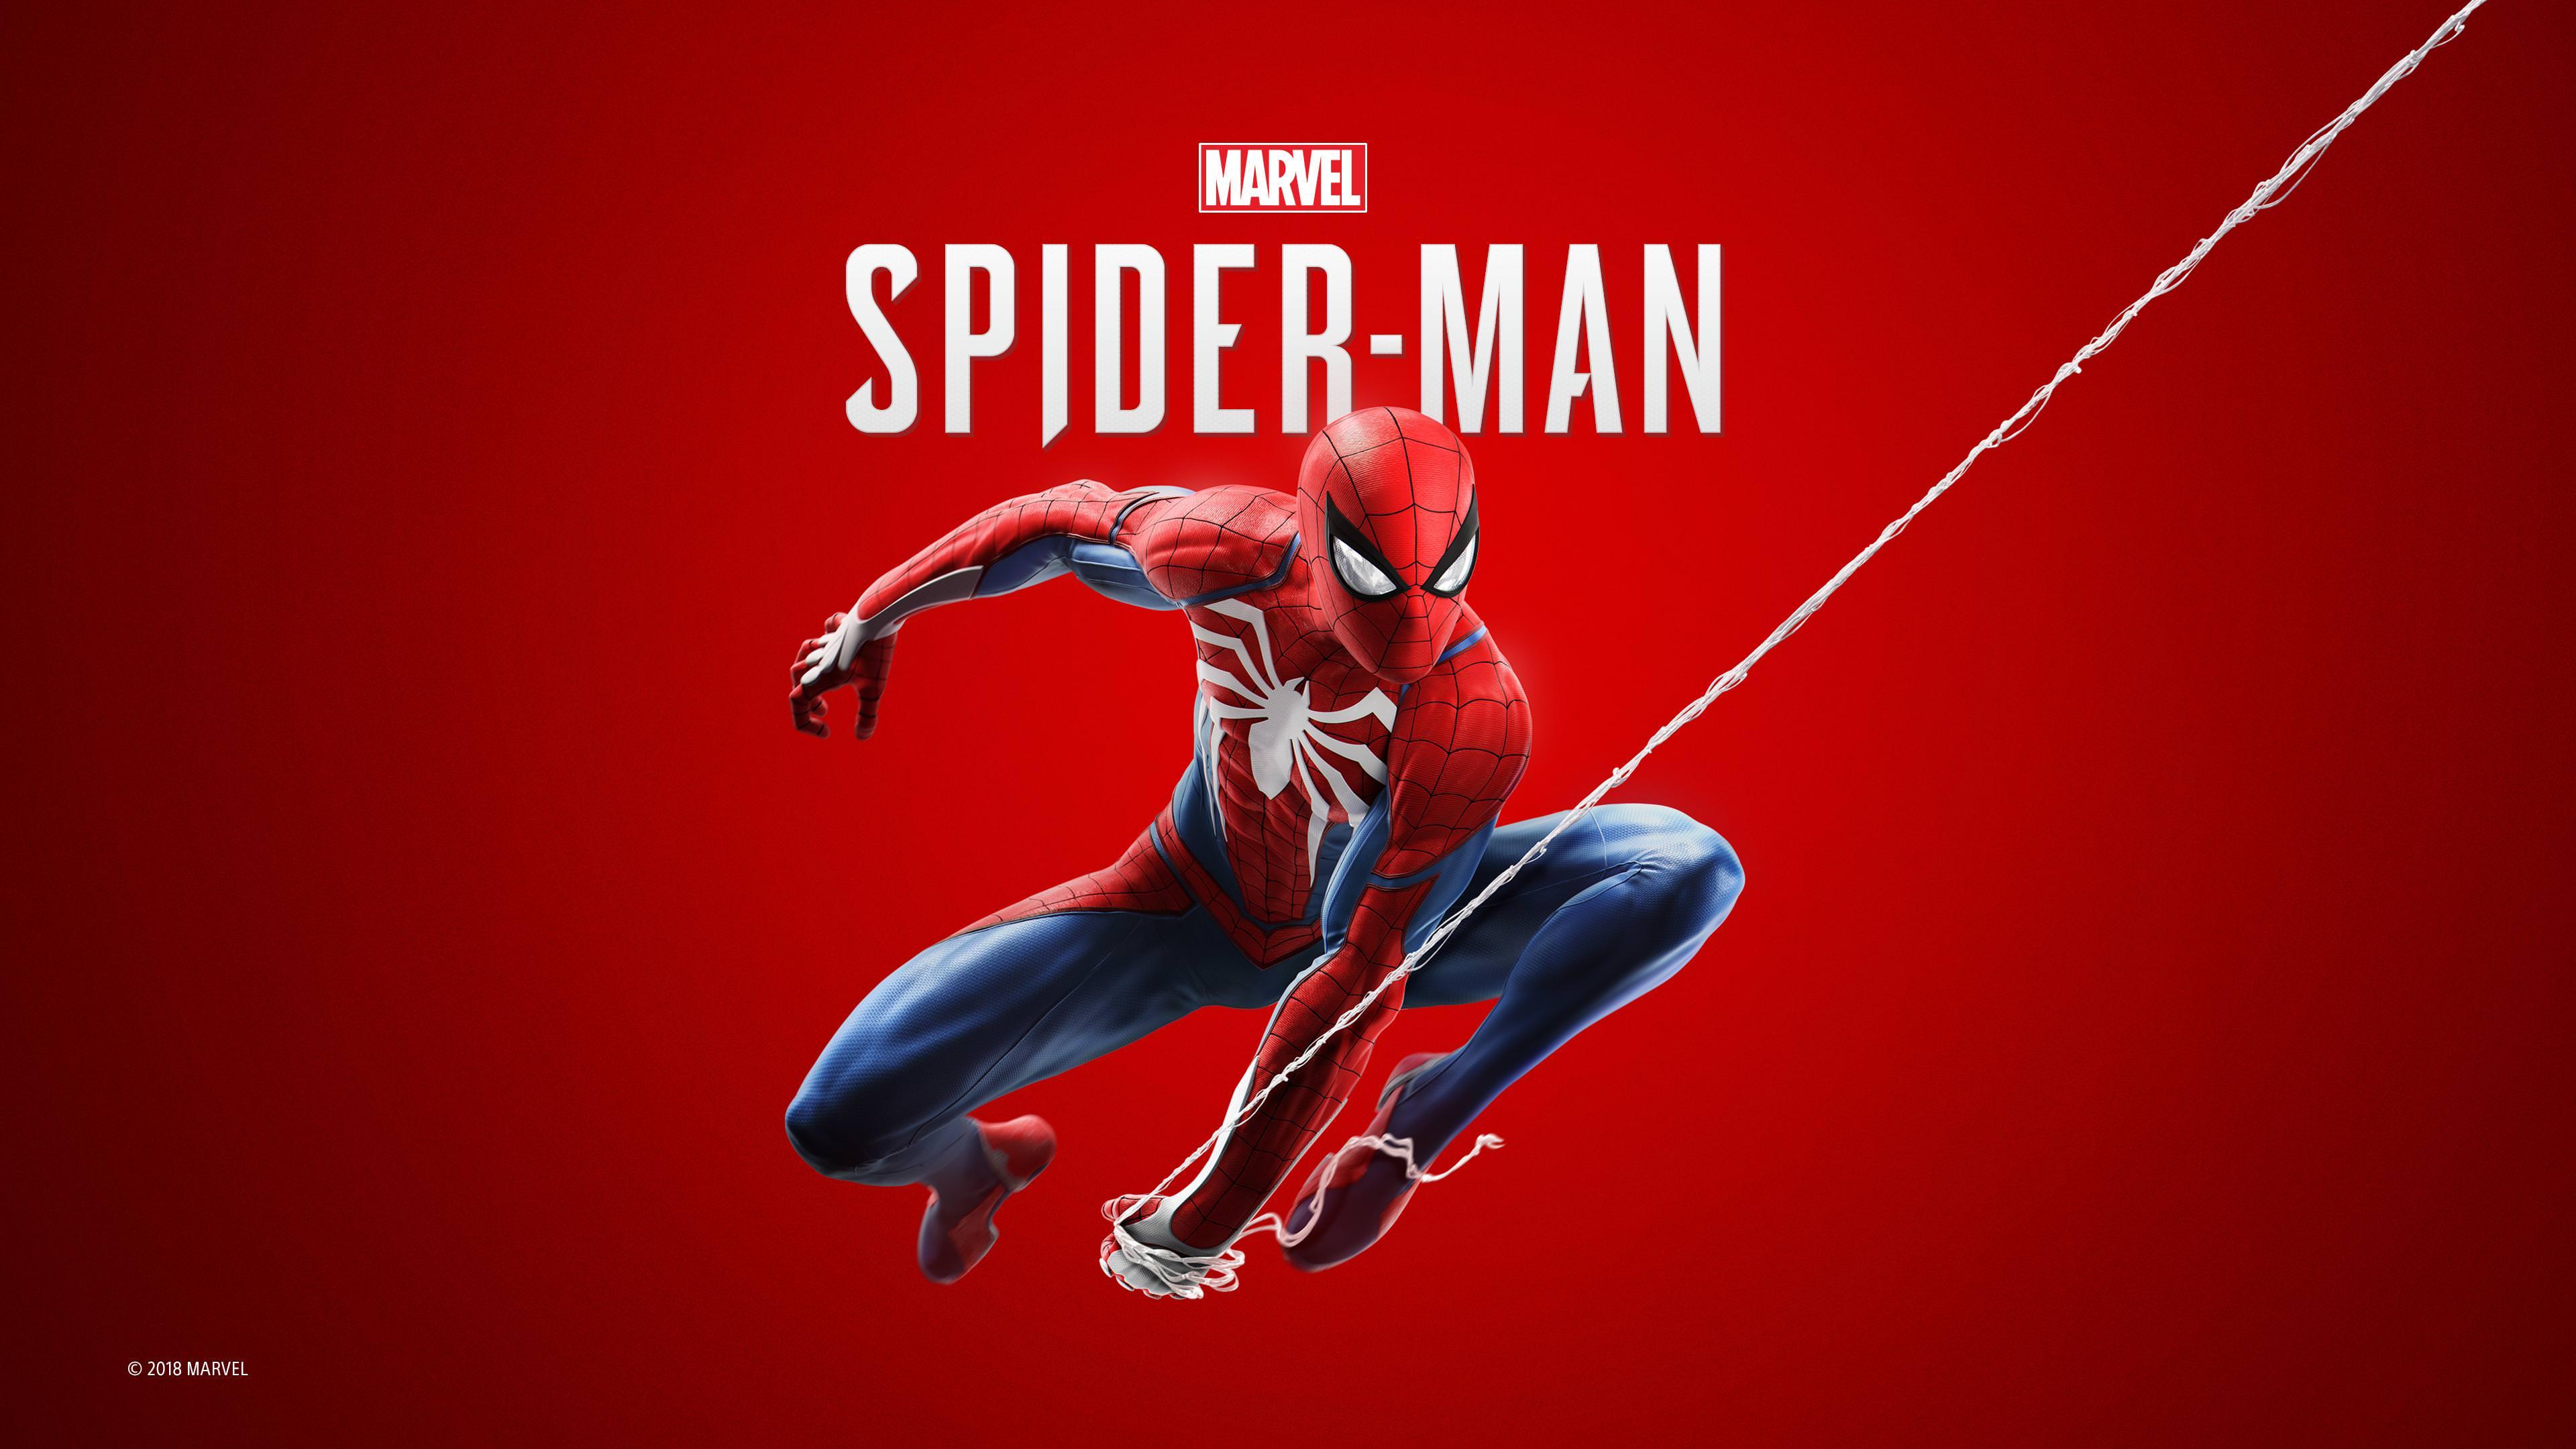 Image] Spider.